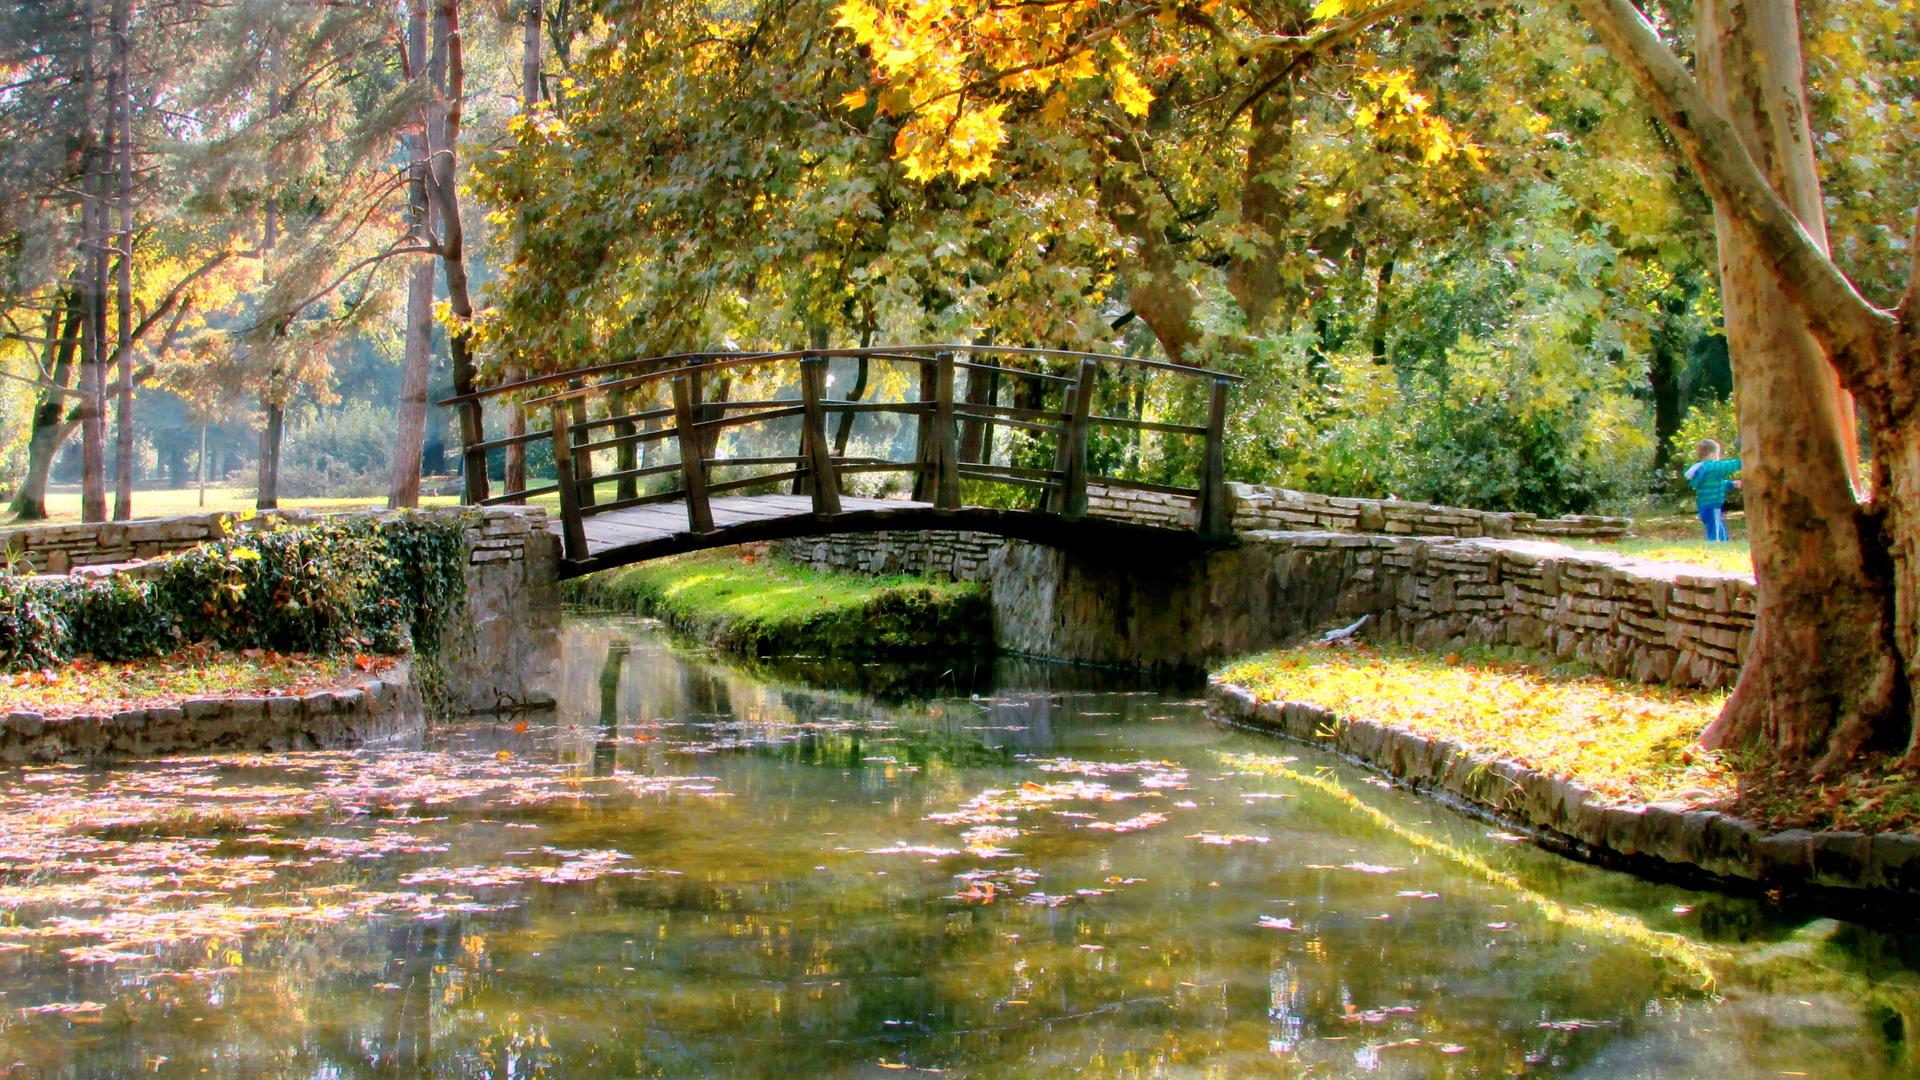 природа, осень, парк, деревья, пруд, мостик